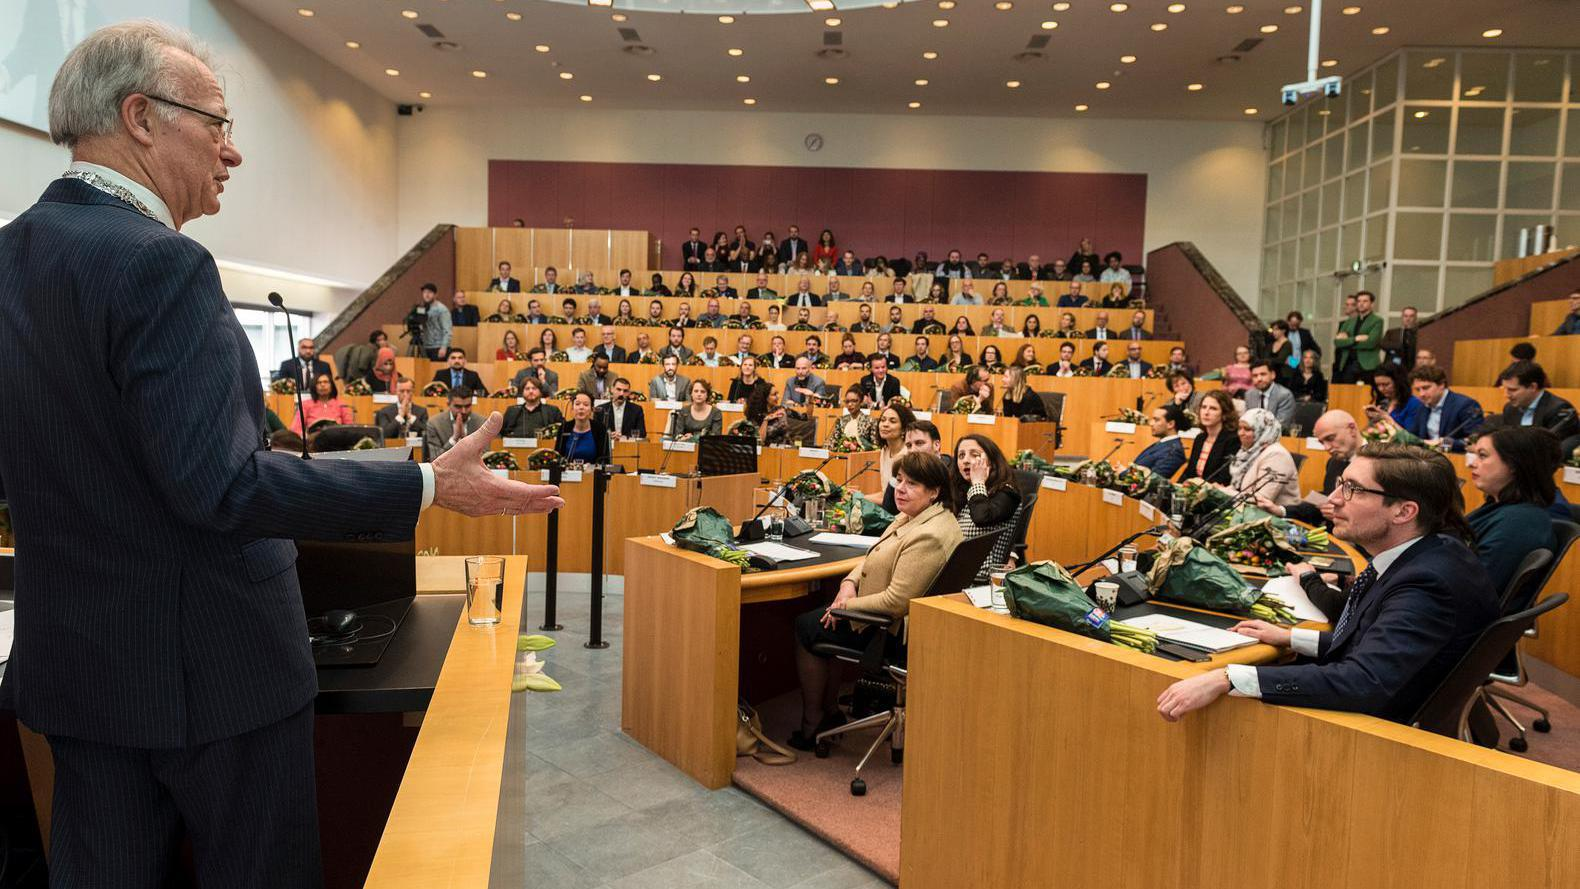 Even voorstellen: de nieuwe gemeenteraad van Amsterdam